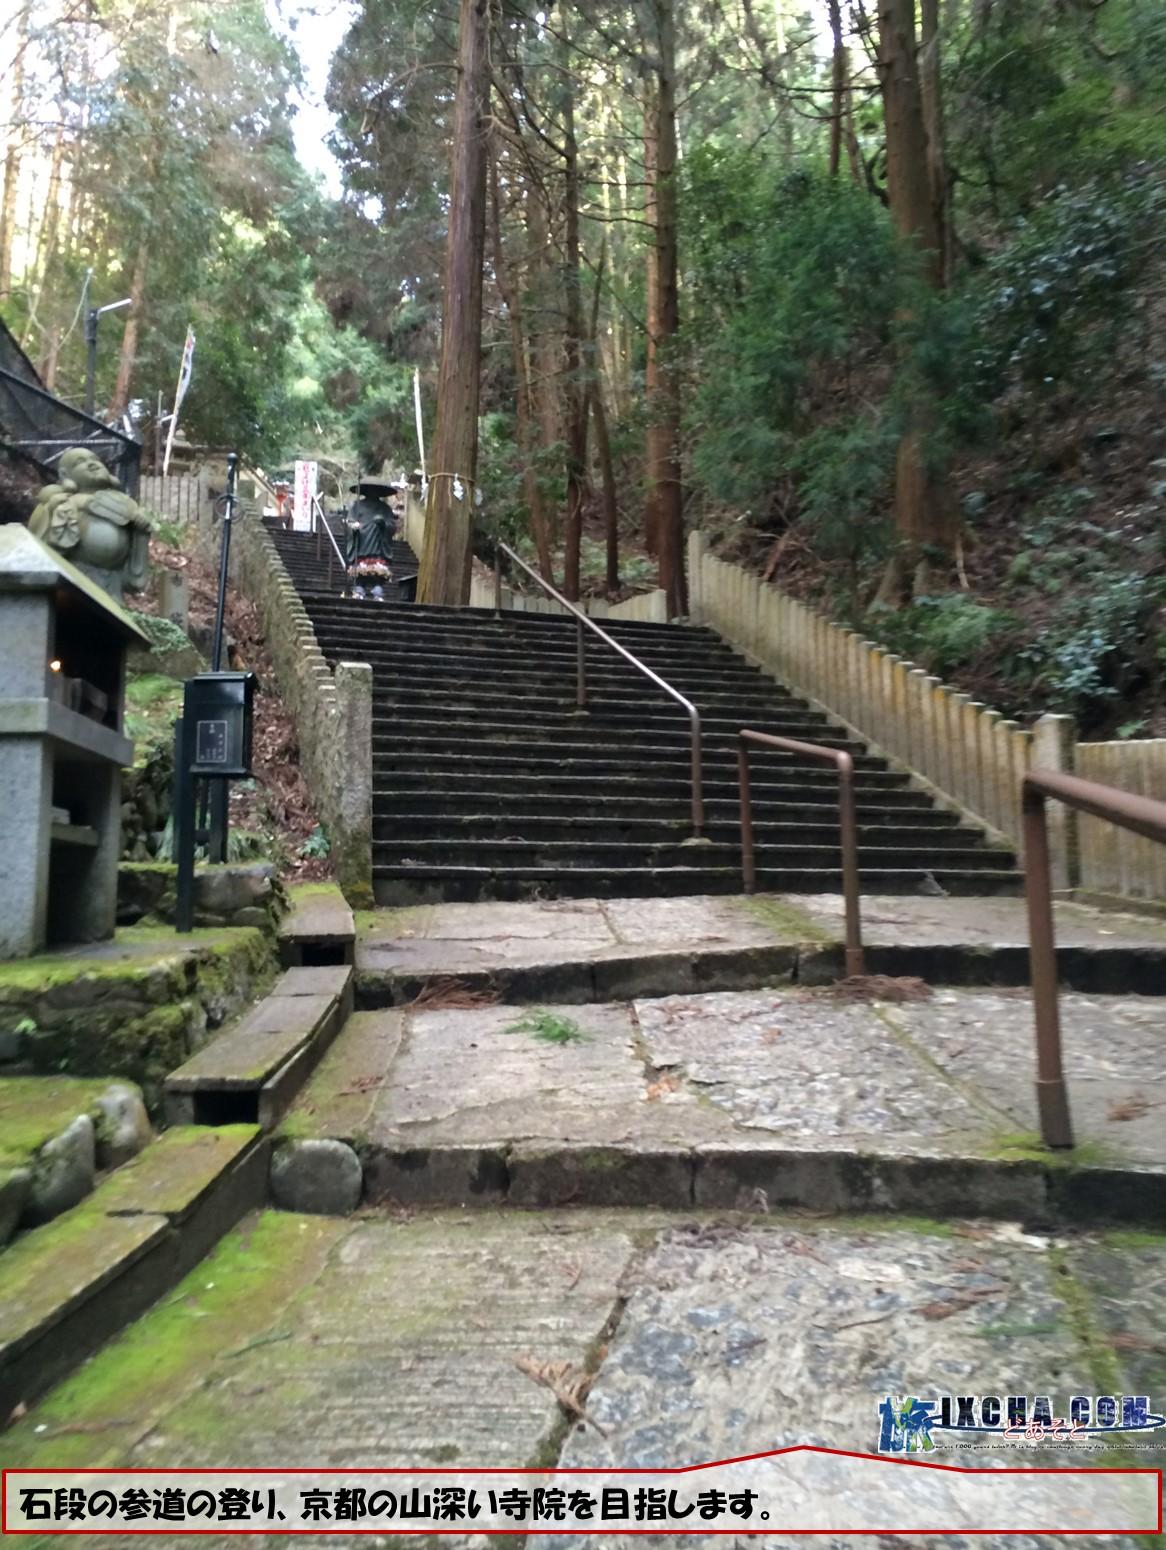 石段の参道の登り、京都の山深い寺院を目指します。